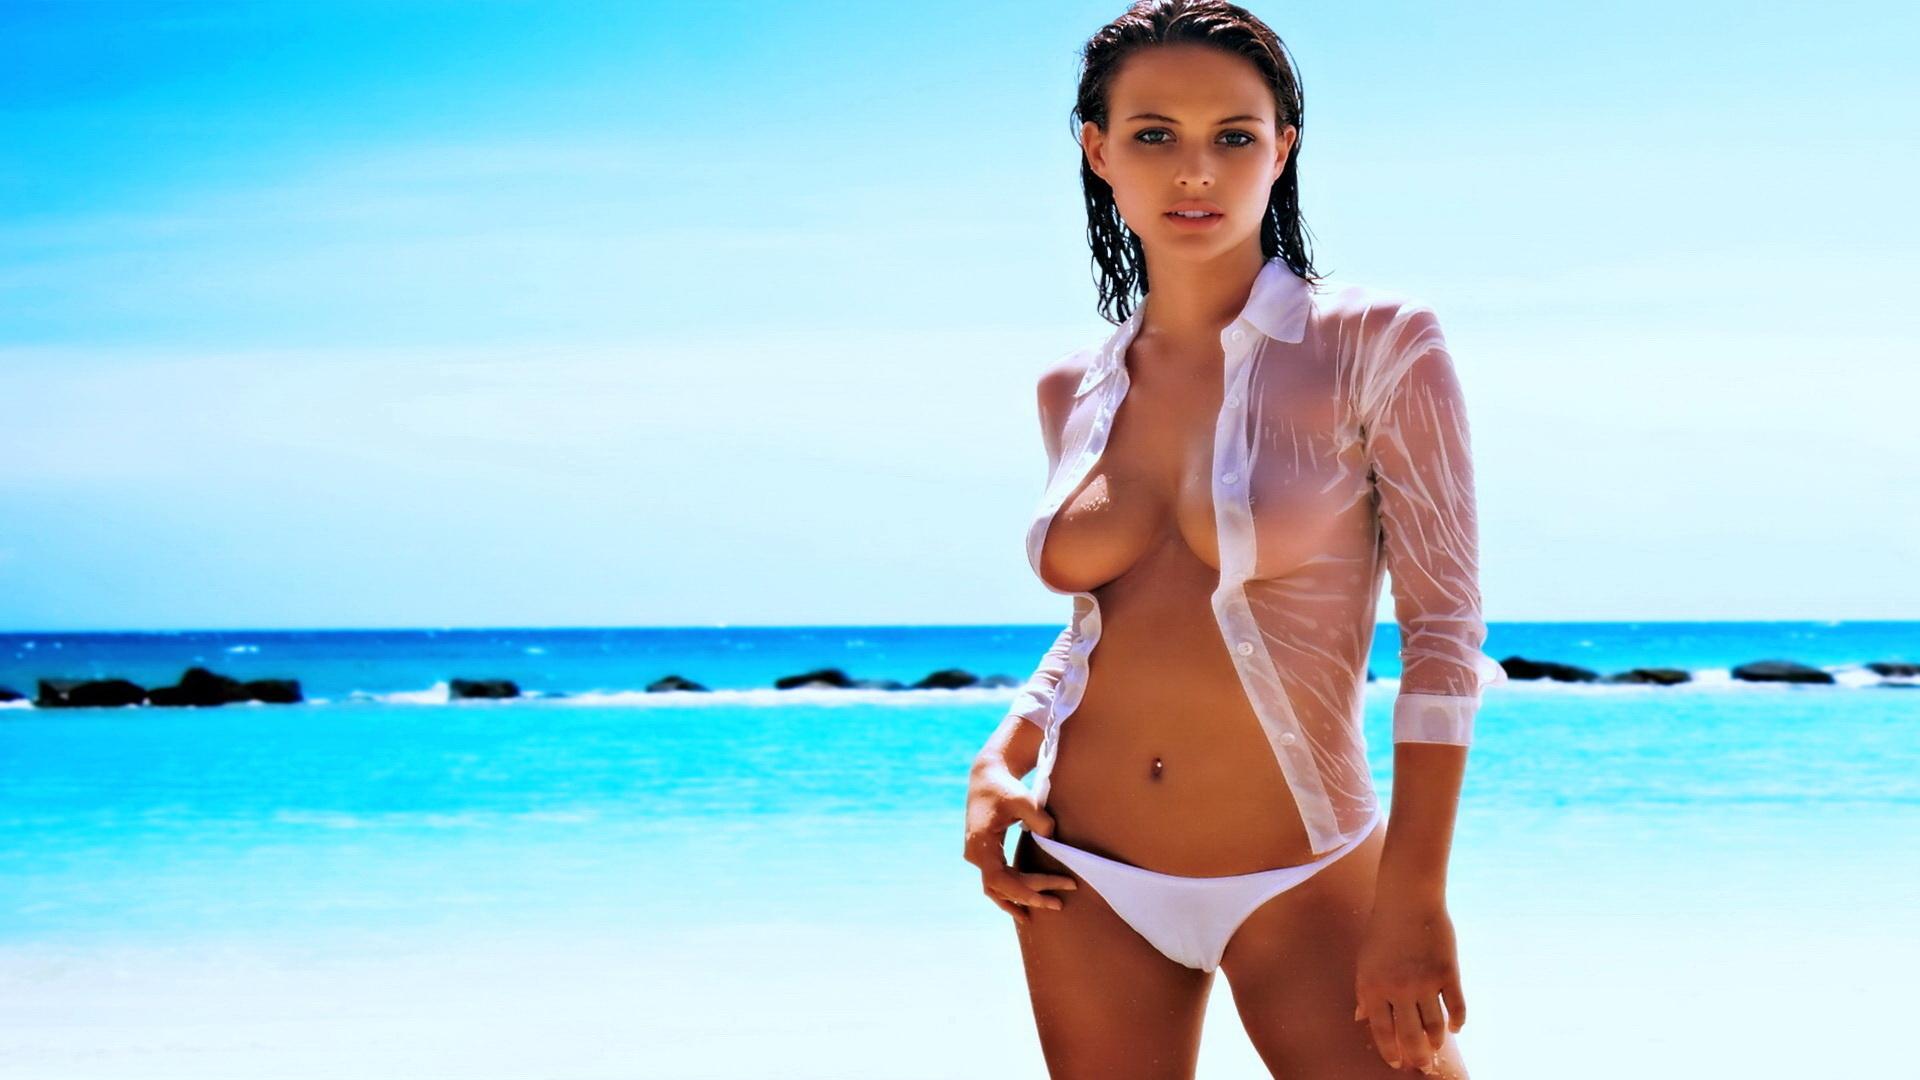 Пышные женщины европы напляже 6 фотография